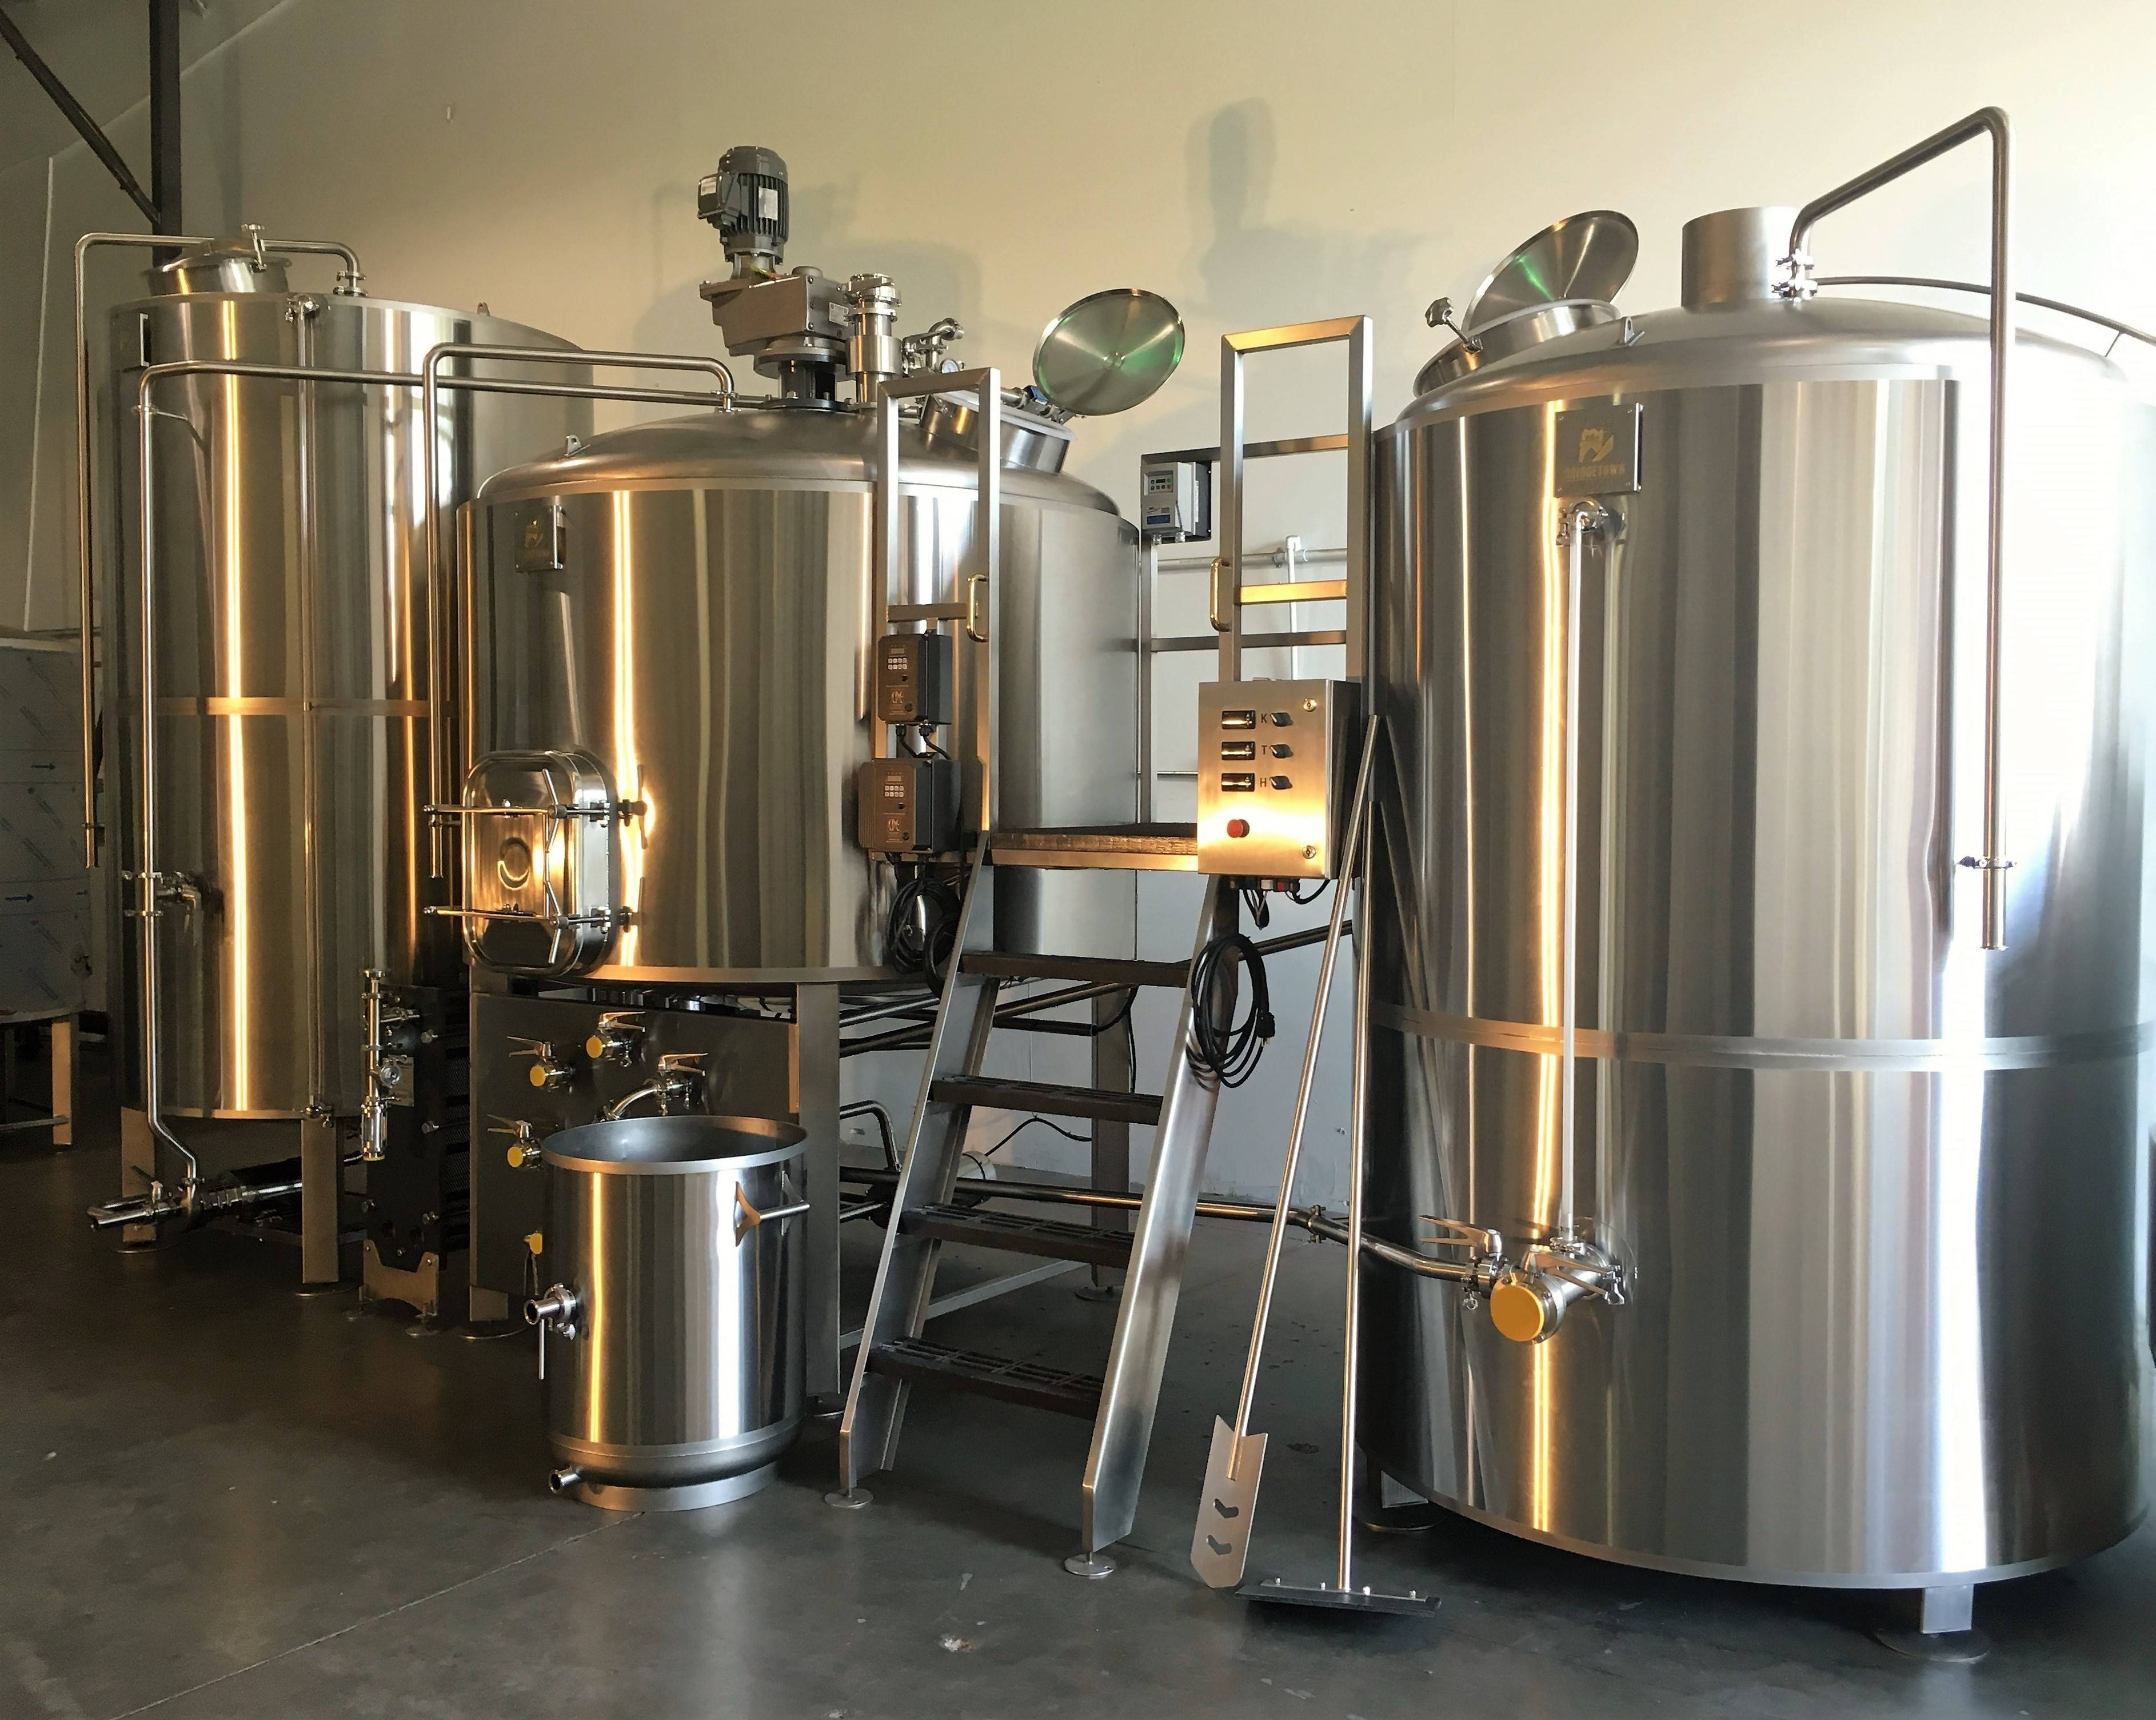 Сырье для производства пива: технология, процесс